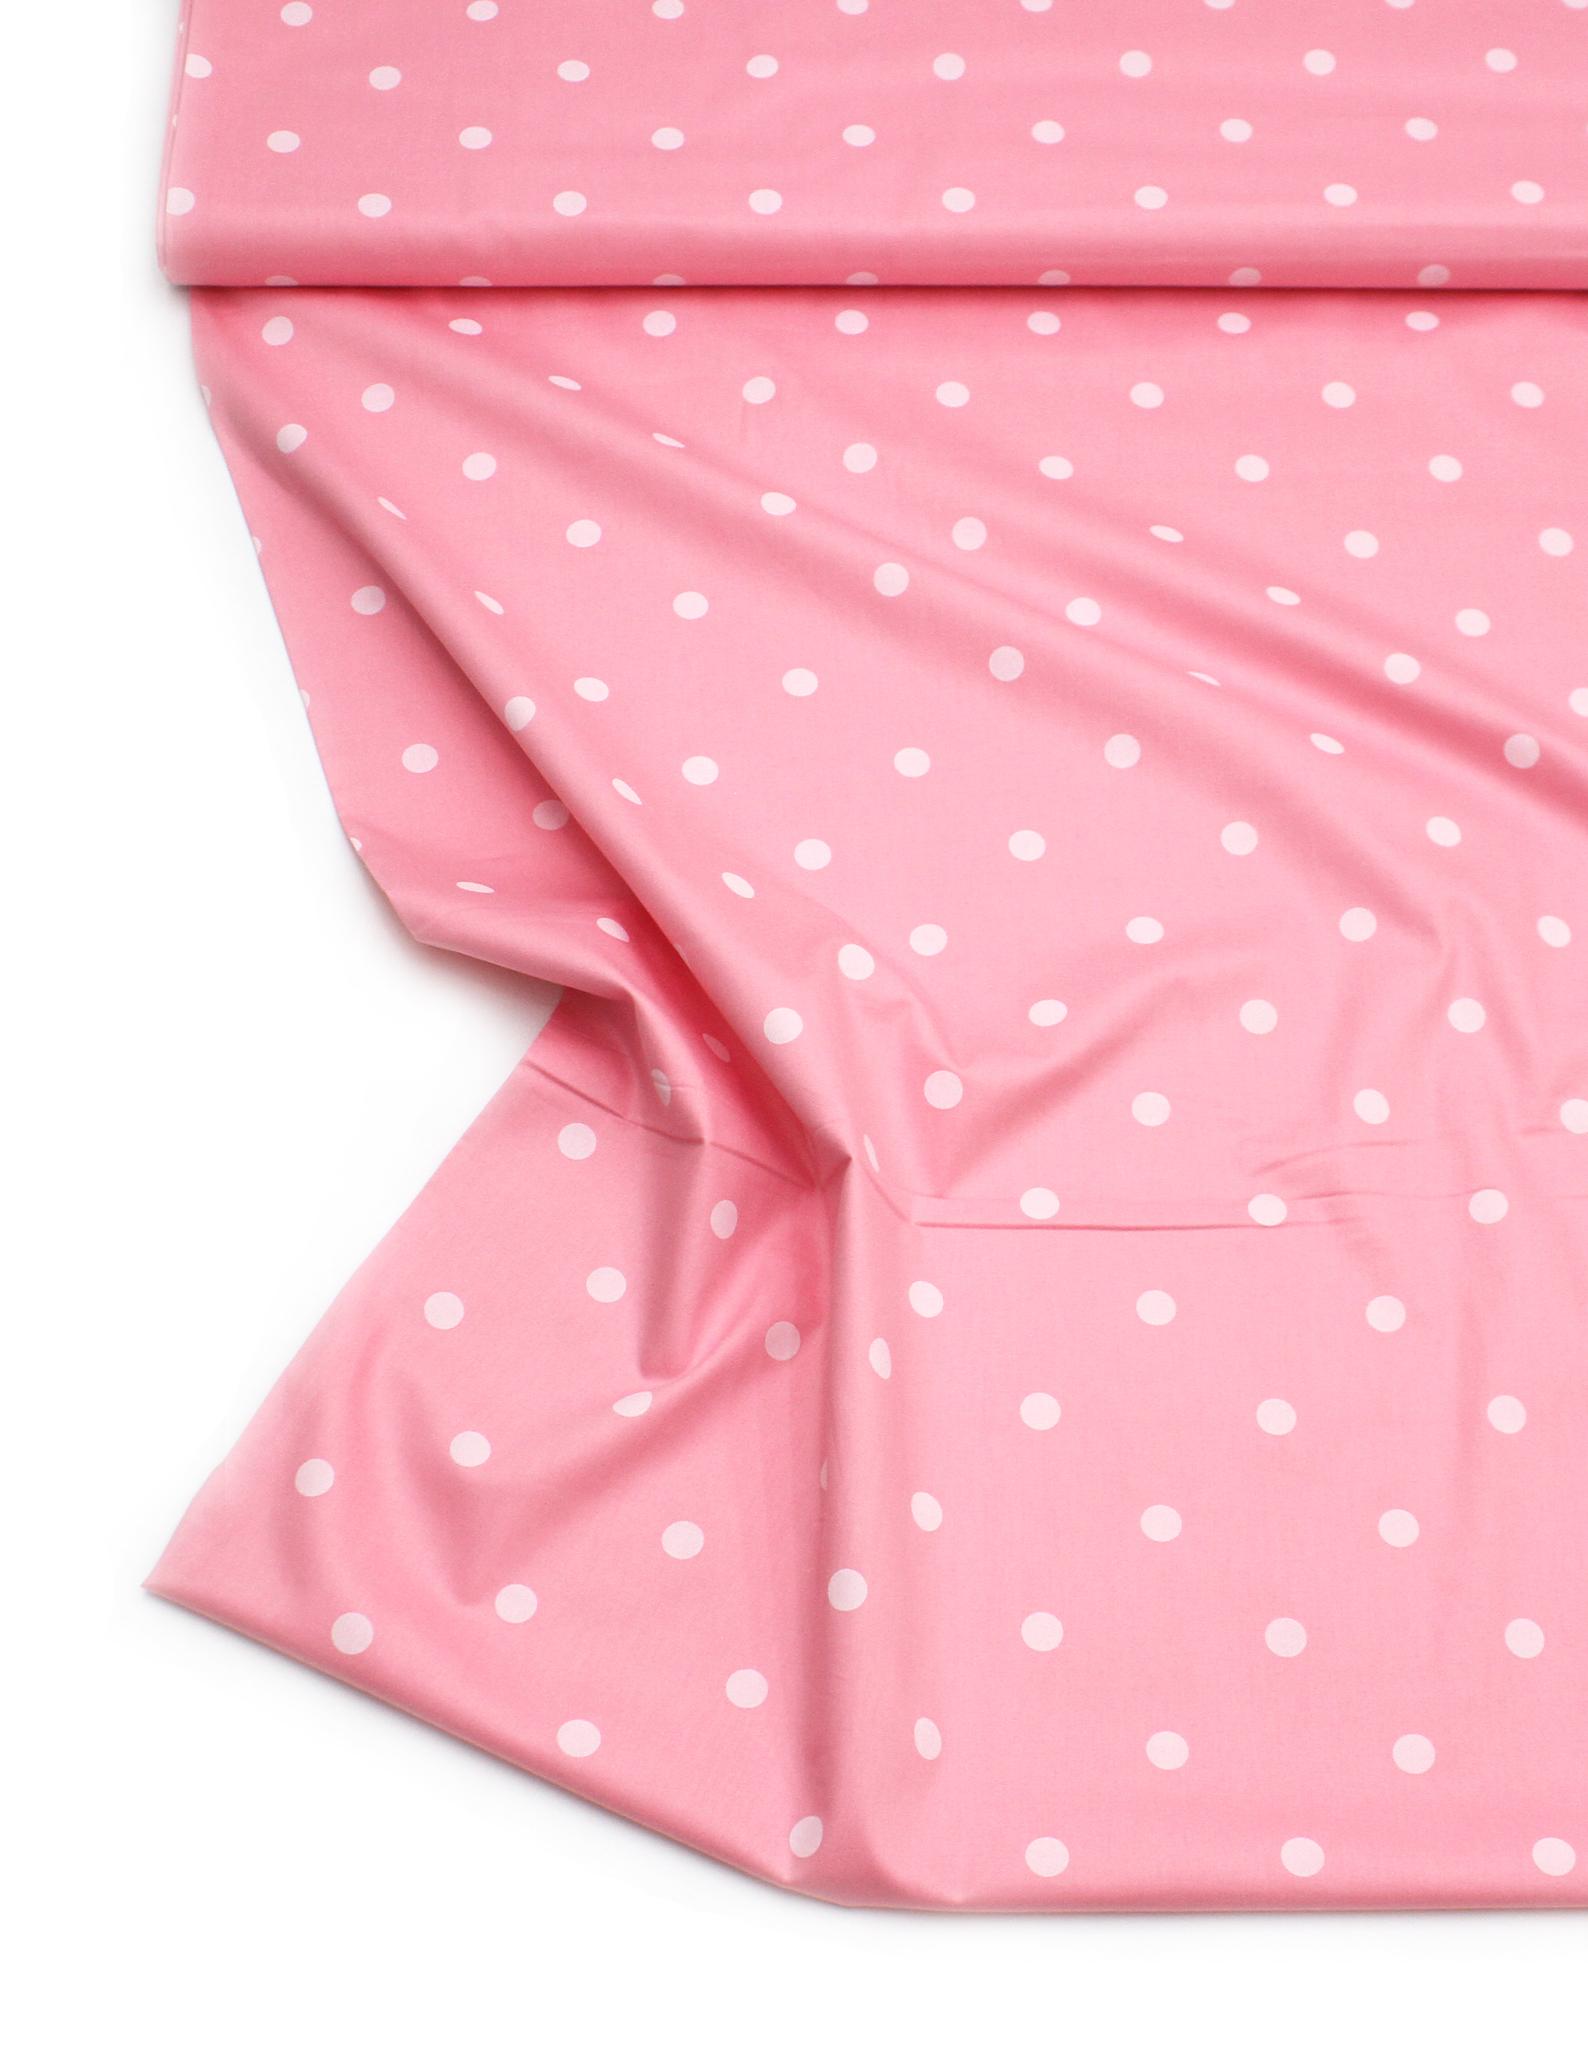 Горошек крупный белый на розовом фоне